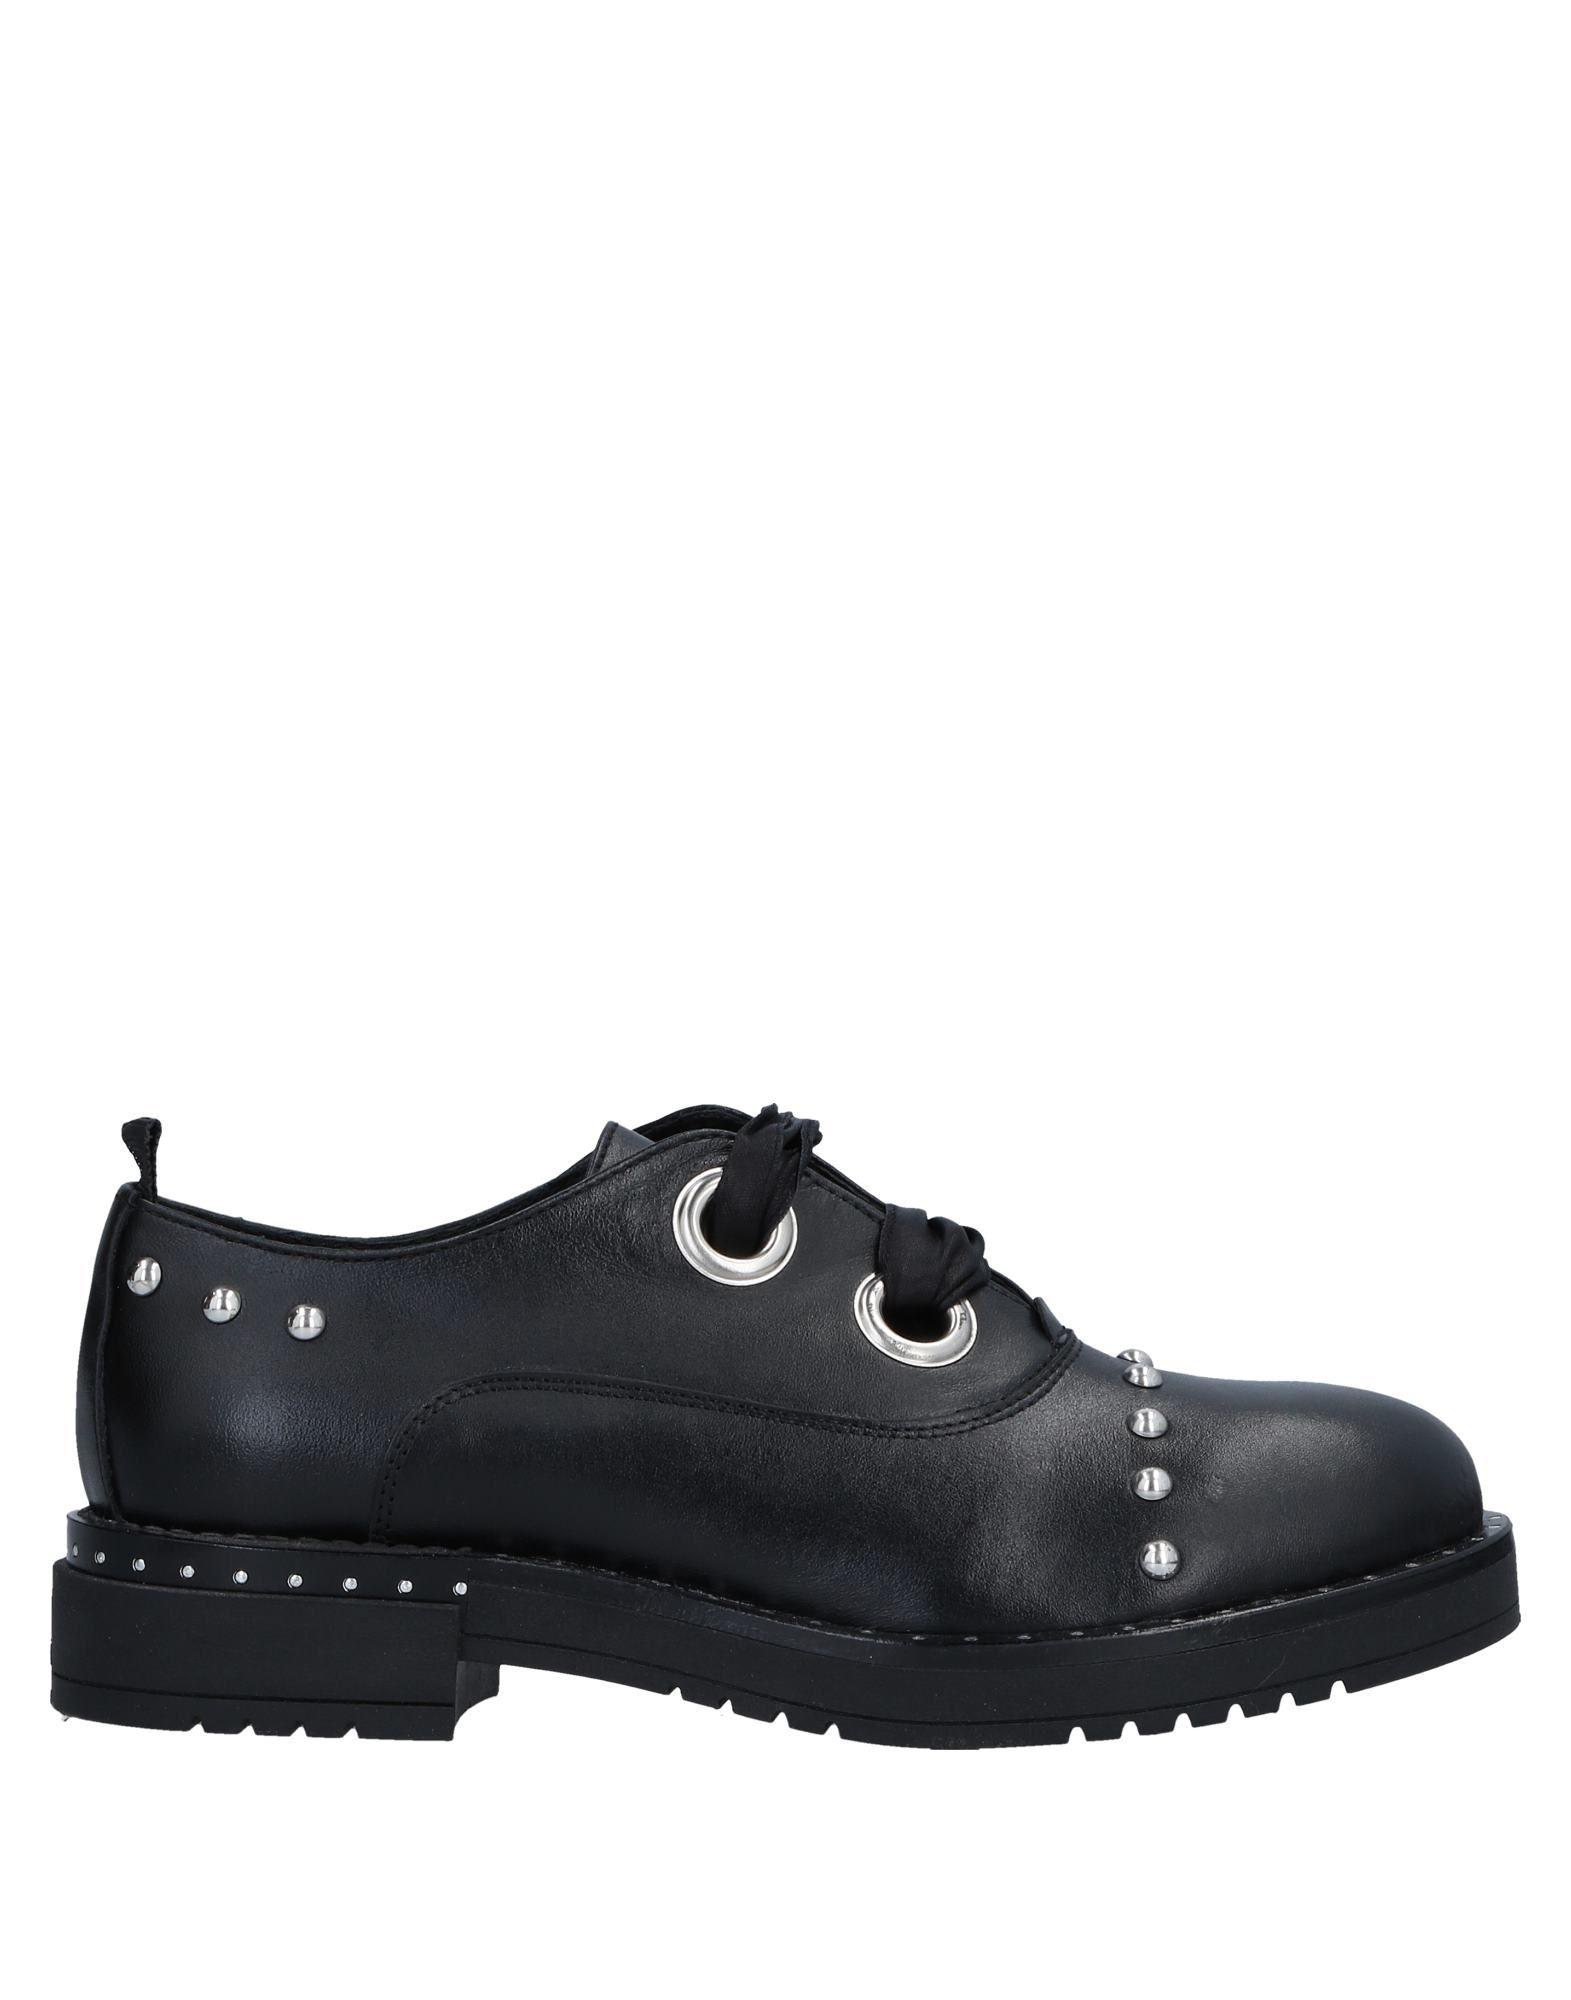 Islo Isabella Lorusso Schnürschuhe Damen  11533202KP Gute Qualität beliebte Schuhe